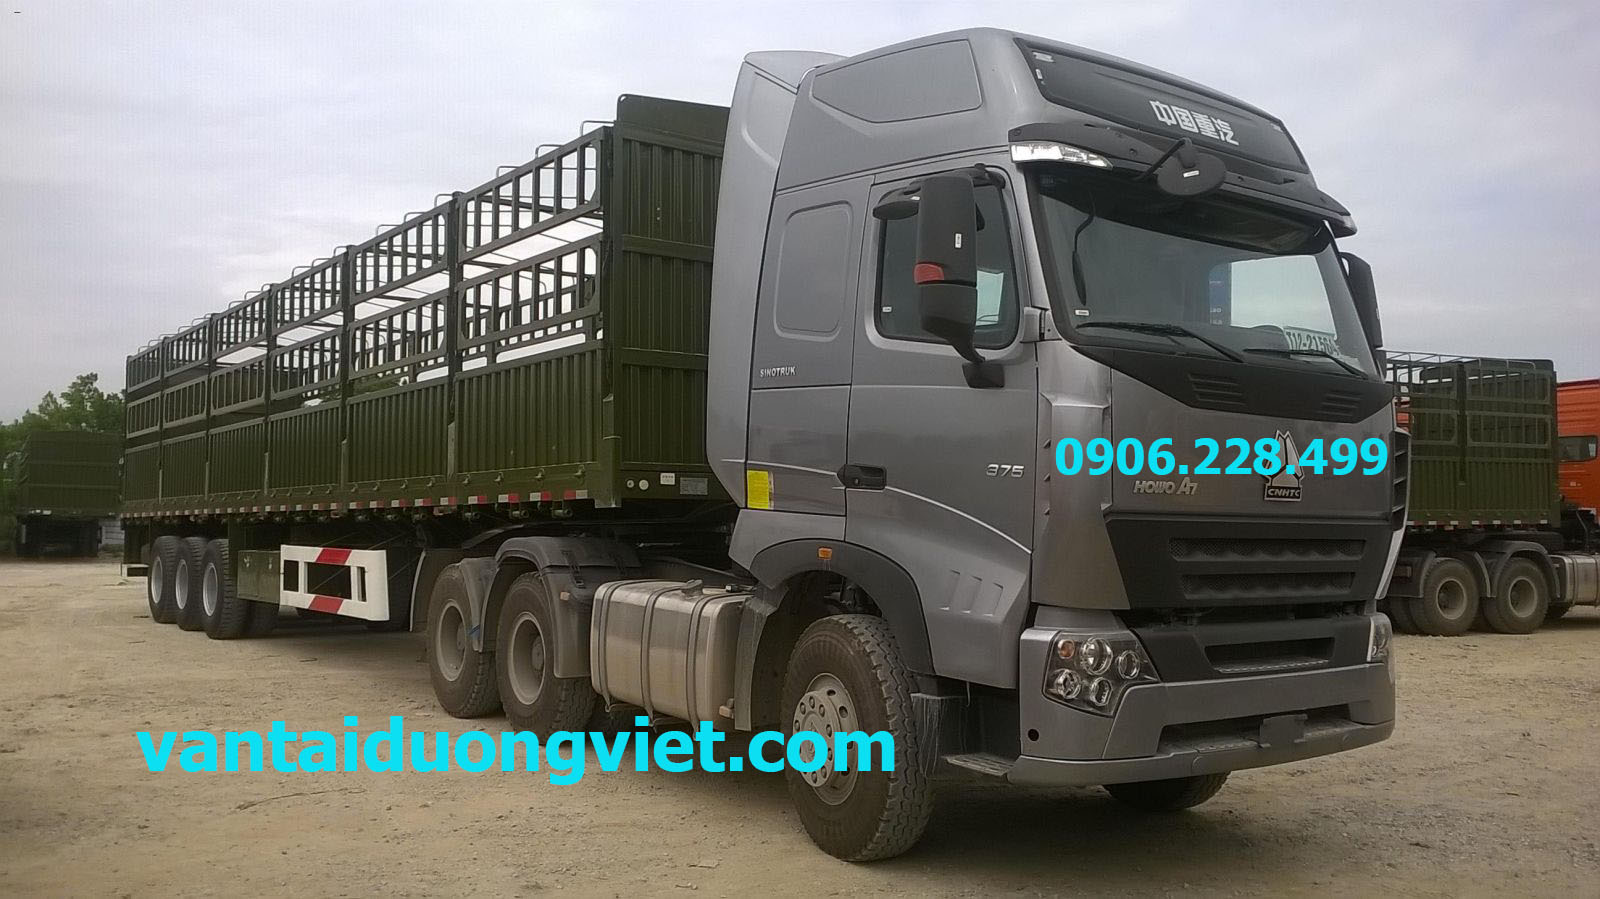 Cho thuê xe tải, dịch vụ chuyển hàng